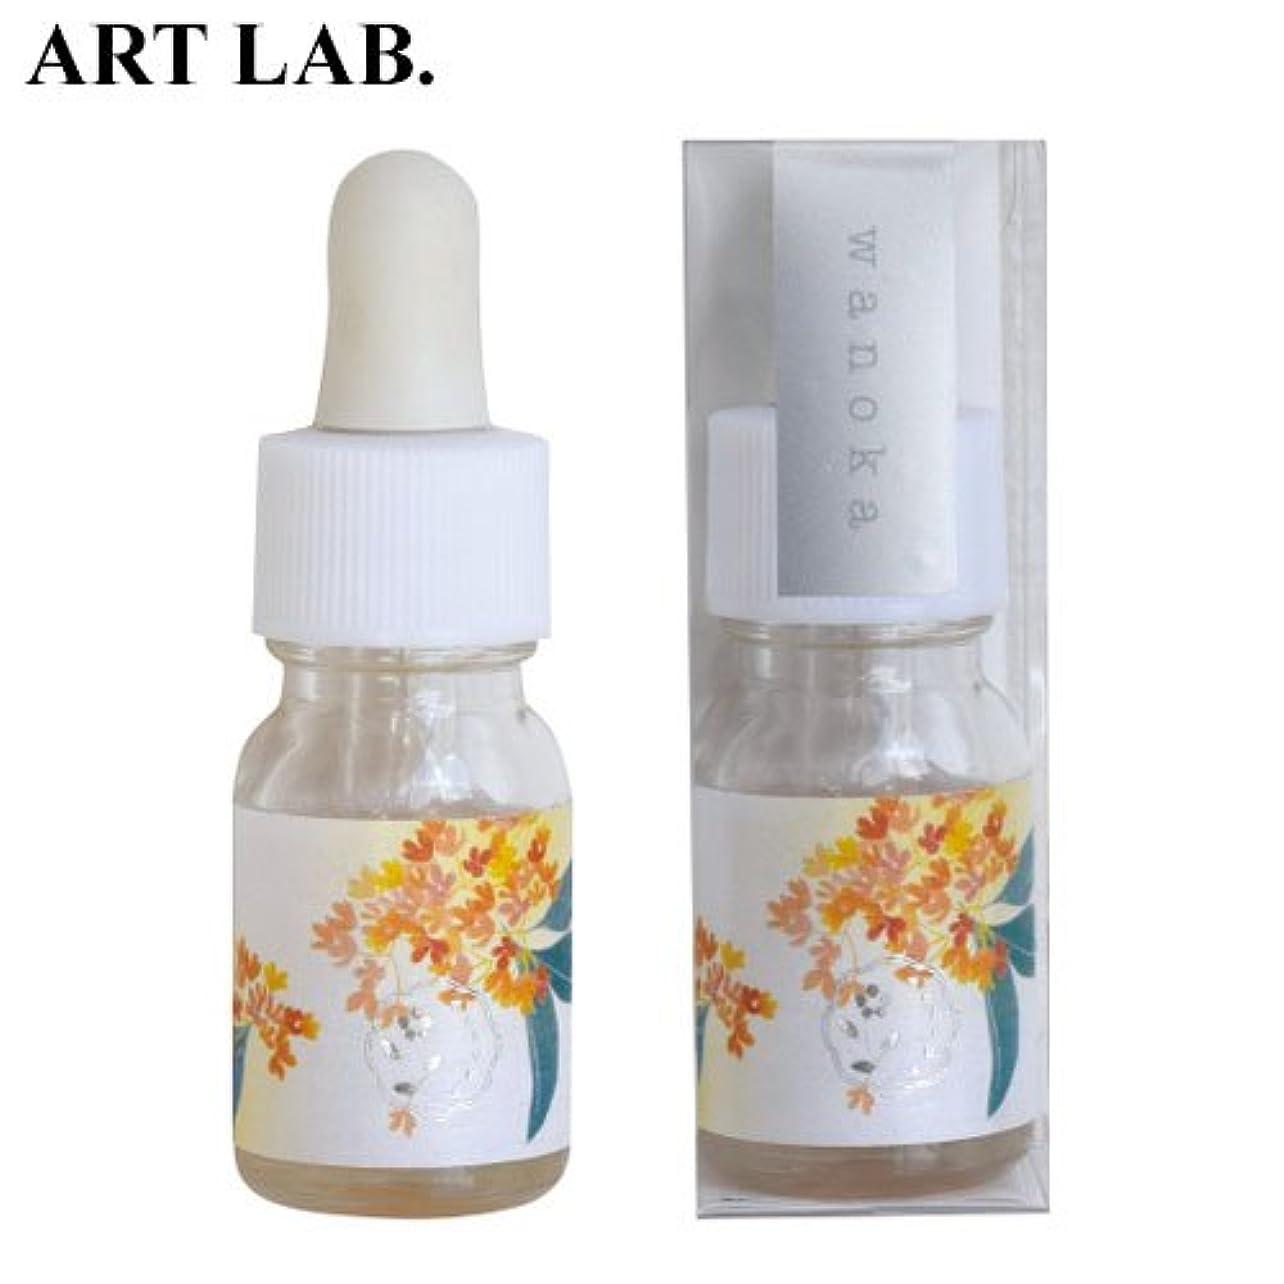 ピストルマサッチョ失態wanoka香油アロマオイル金木犀《果実のような甘い香り》ART LABAromatic oil